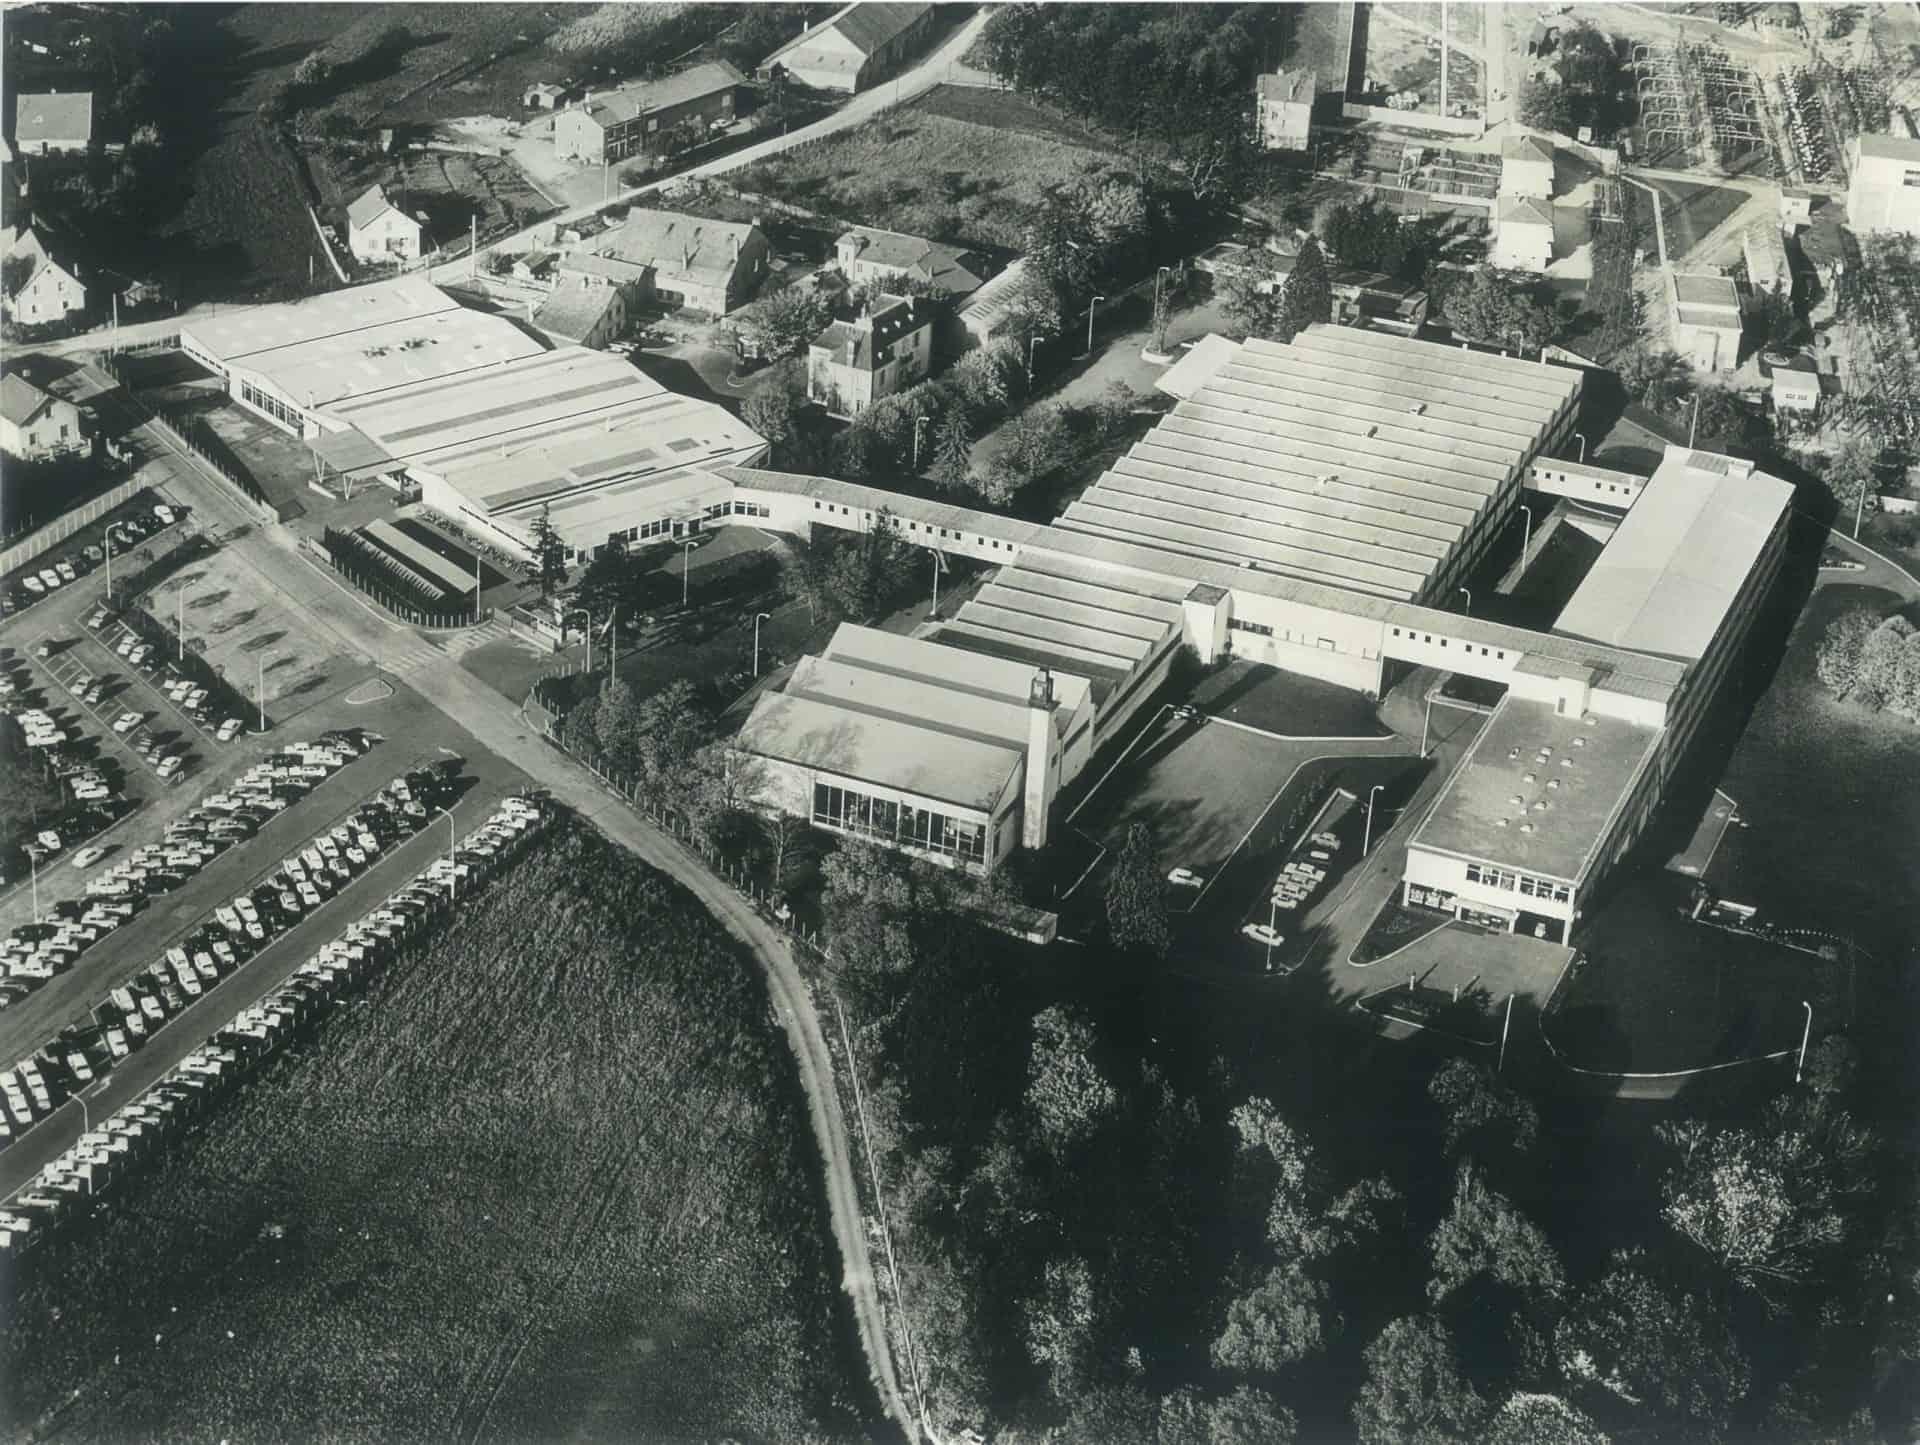 Lip Fabrikgelände in Besancon im Jahr 1967